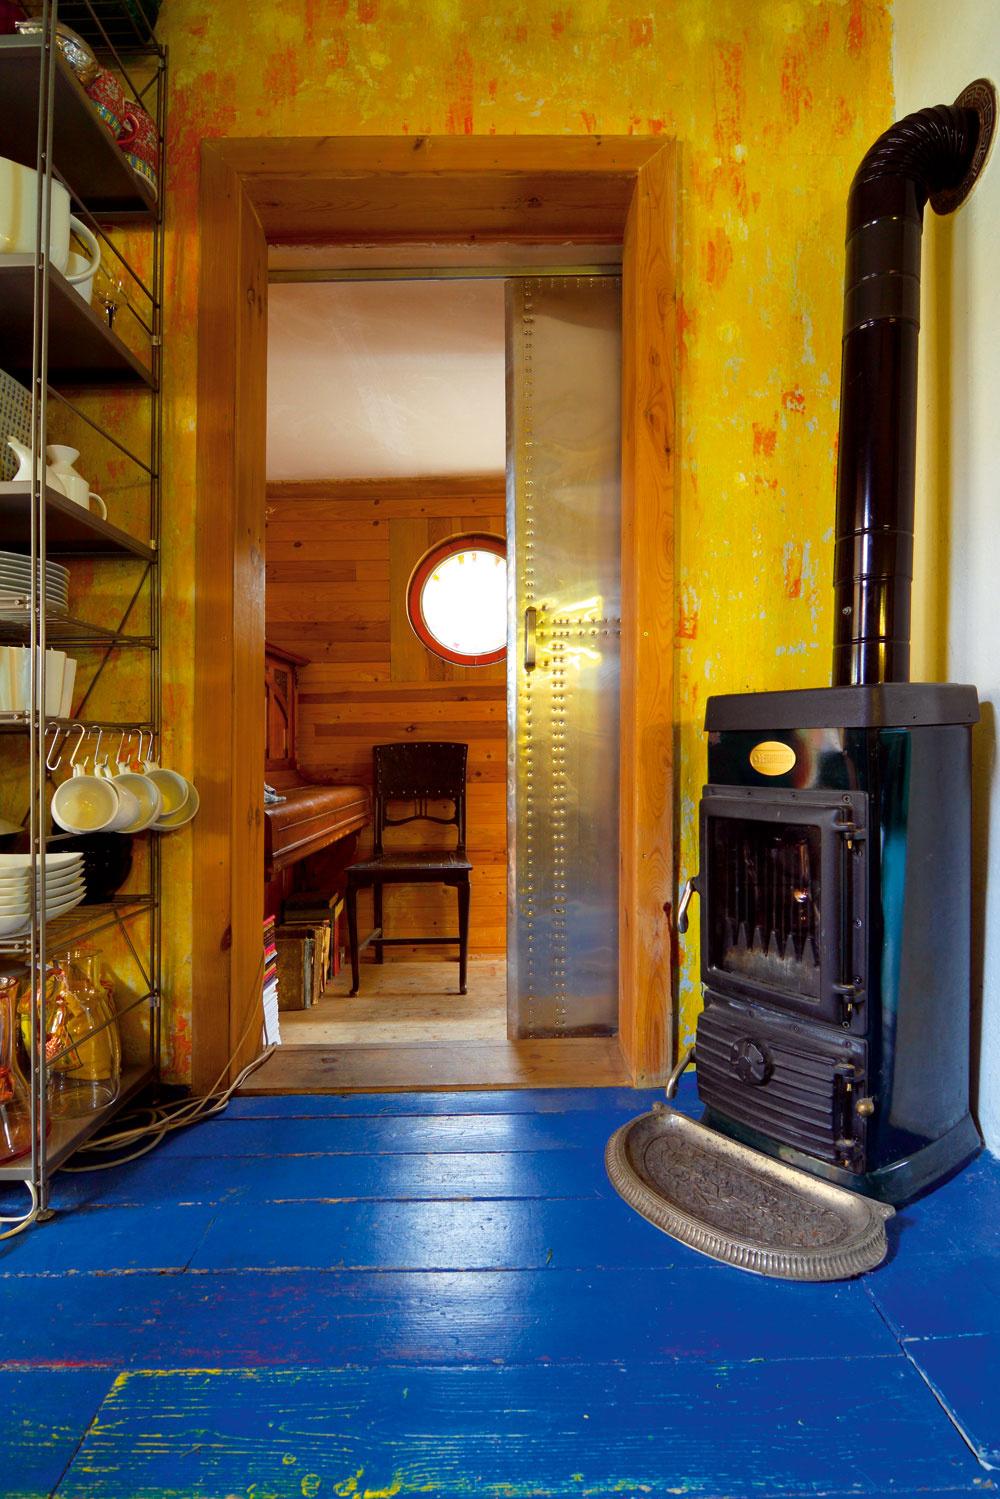 Vpriechodnej kuchyni udivuje priehľadná chladnička asympatický chaos. Jedny zposuvných dverí, ktoré vdome nahradili zväčša socíkové strašiaky. Tieto vedú do prístavku, ktorý navrhol avybudoval Peter ako nový vstup do ich prvého domu.